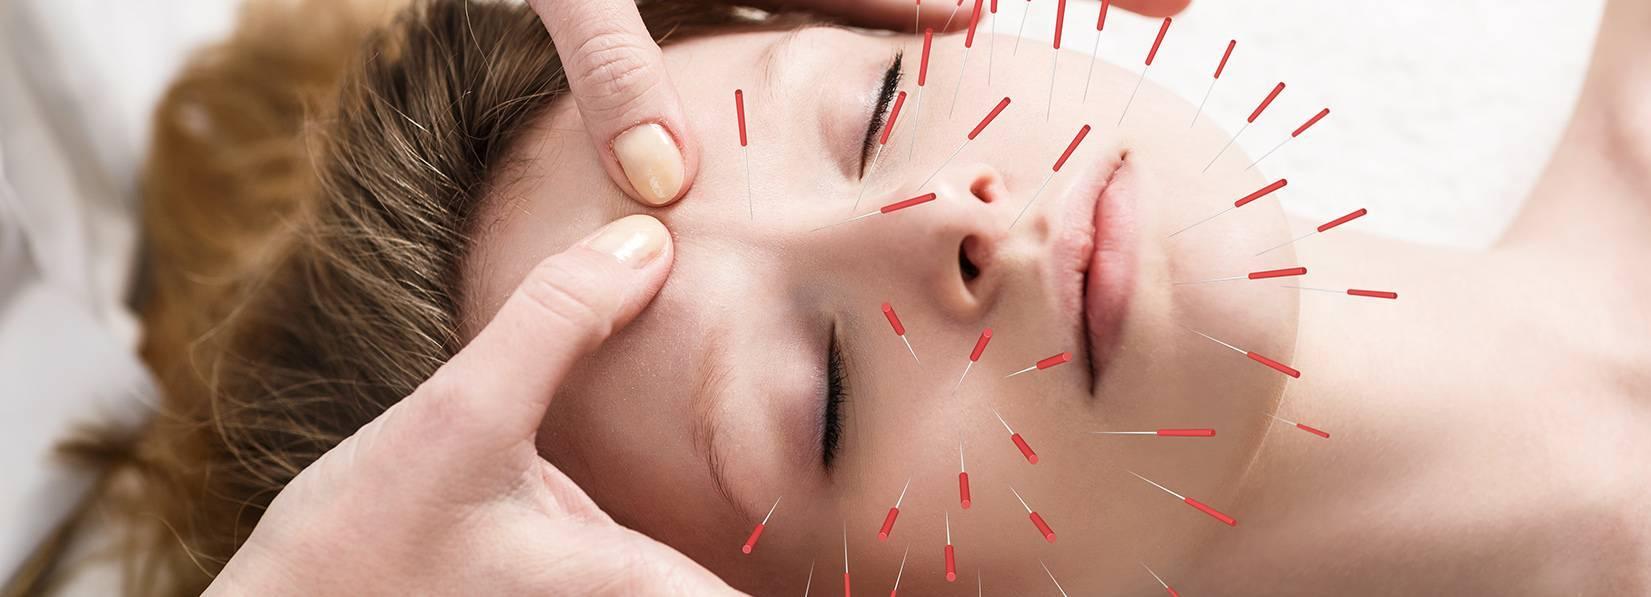 Иглоукалывание: что лечат методом, в чем его польза, где делают и сколько стоит иглоукалывание в москве?